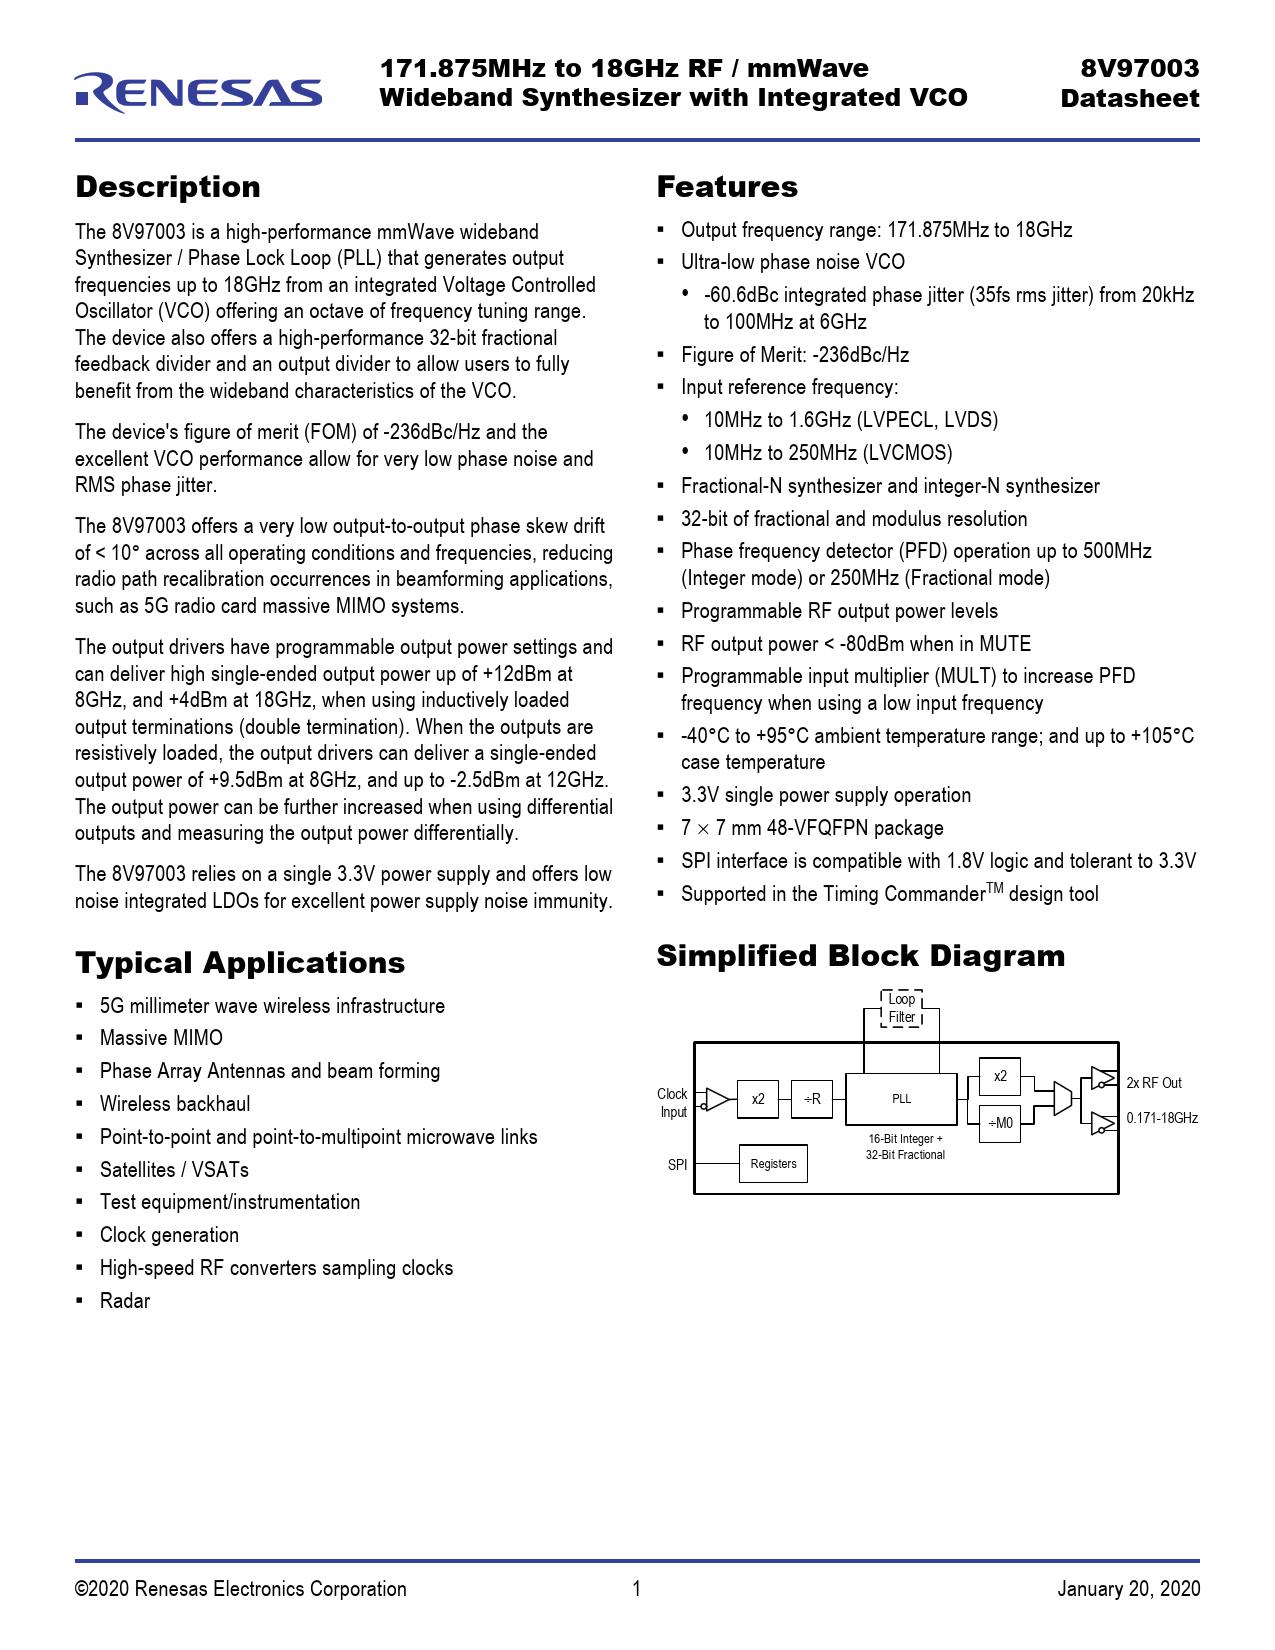 Datasheet 8V97003 IDT, Версия: 20200120